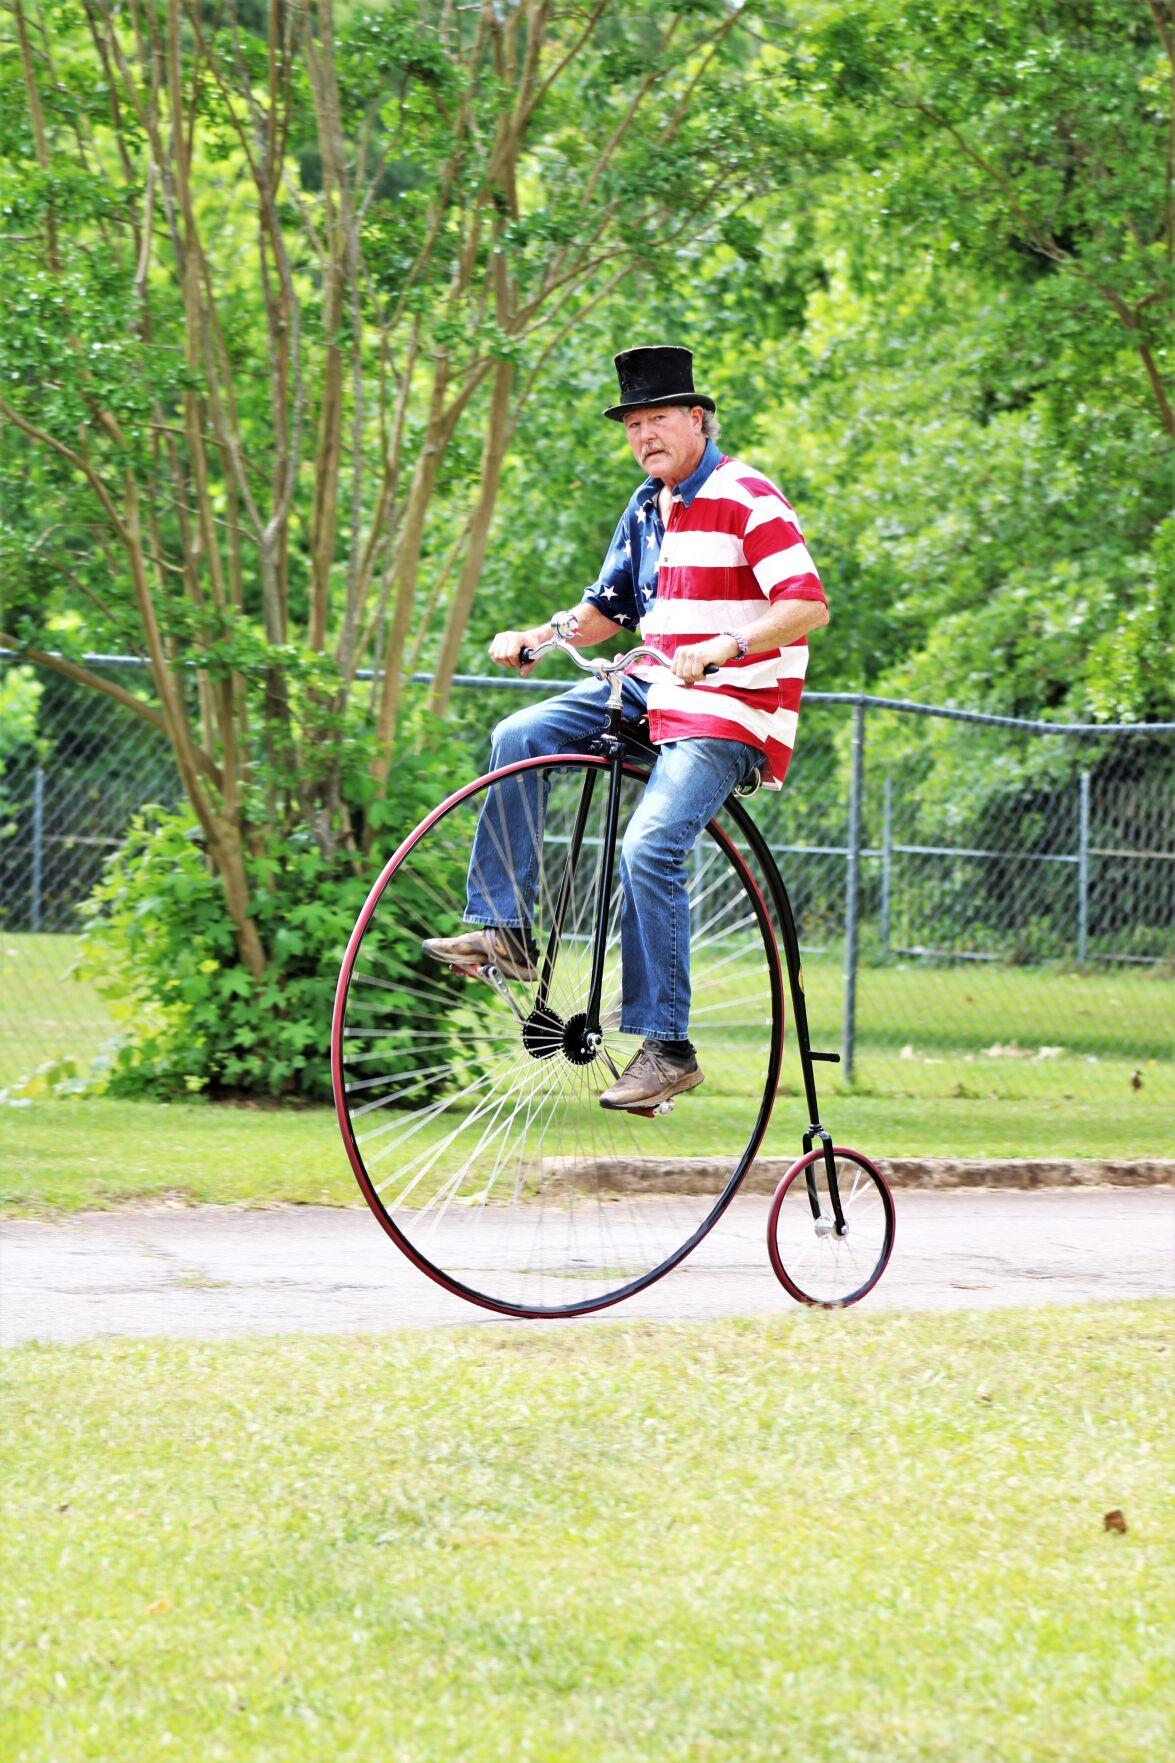 Patriotic cyclist